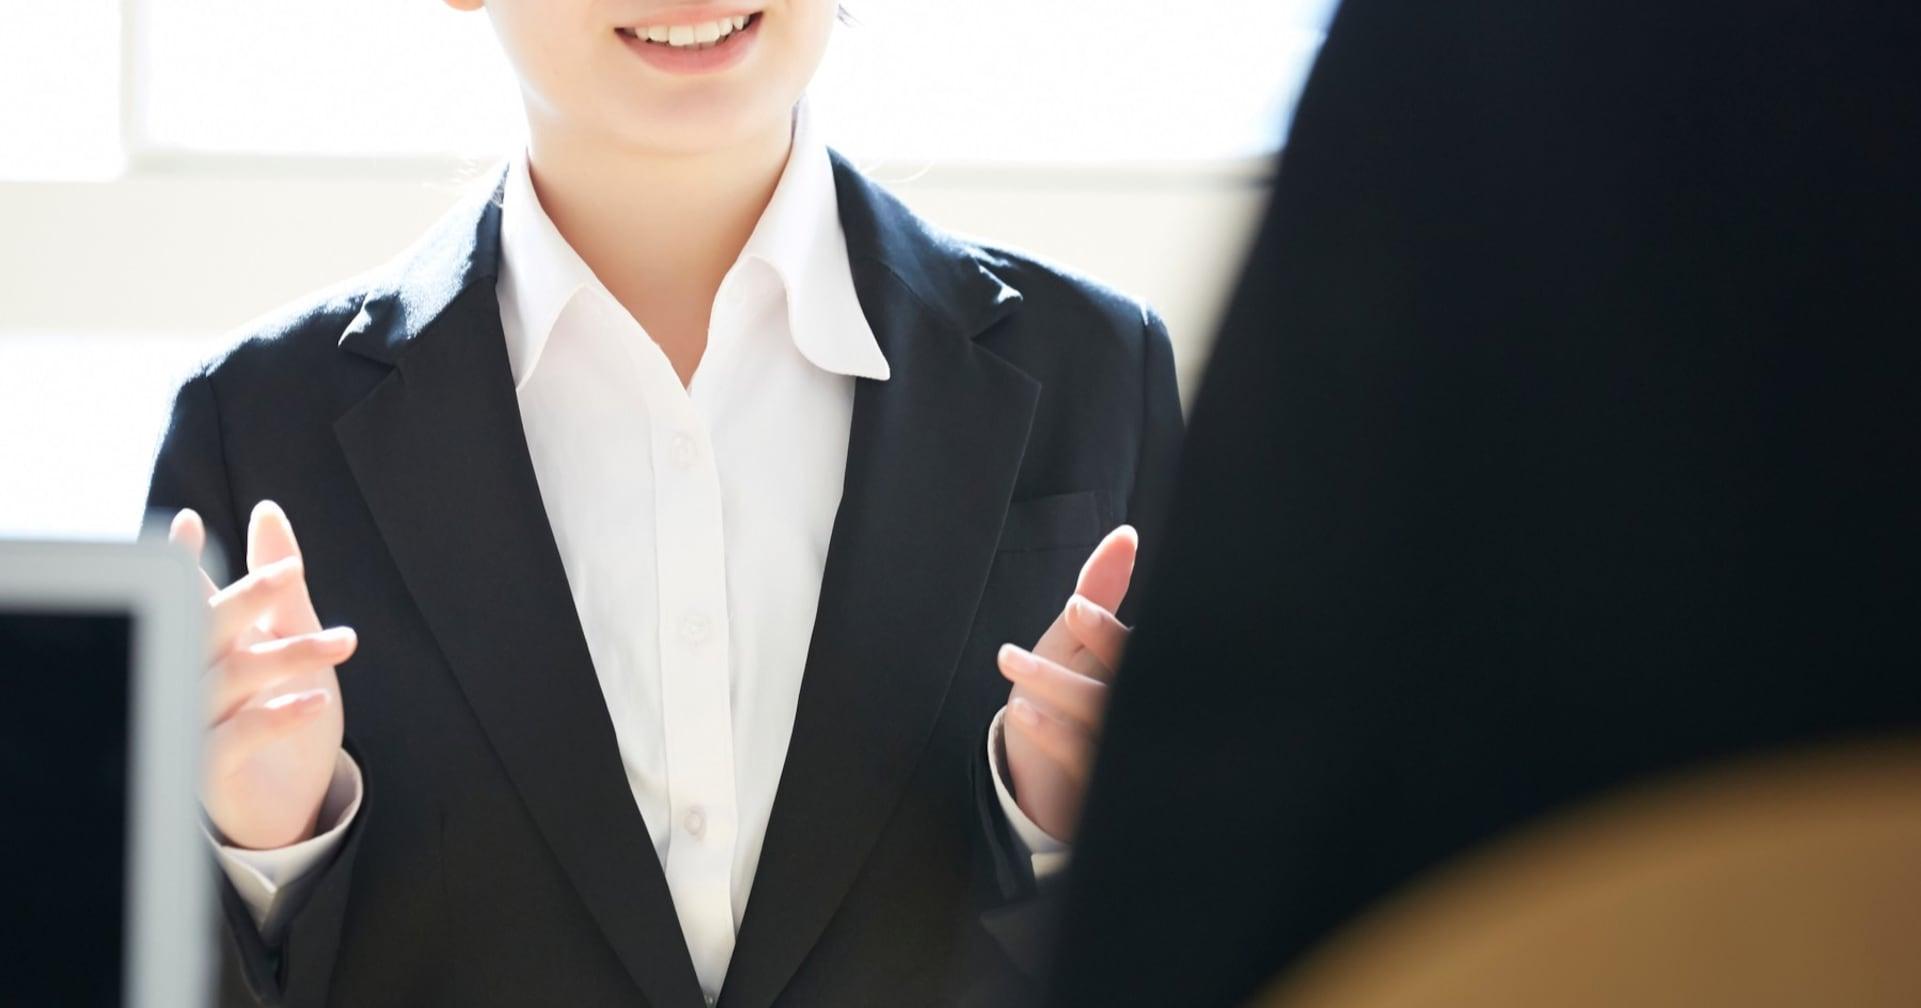 「人一倍仕事ができる自信があります」面接で障害をカミングアウトしてきた女性。そのプレゼンが凄かったので雇った結果…驚きの展開に